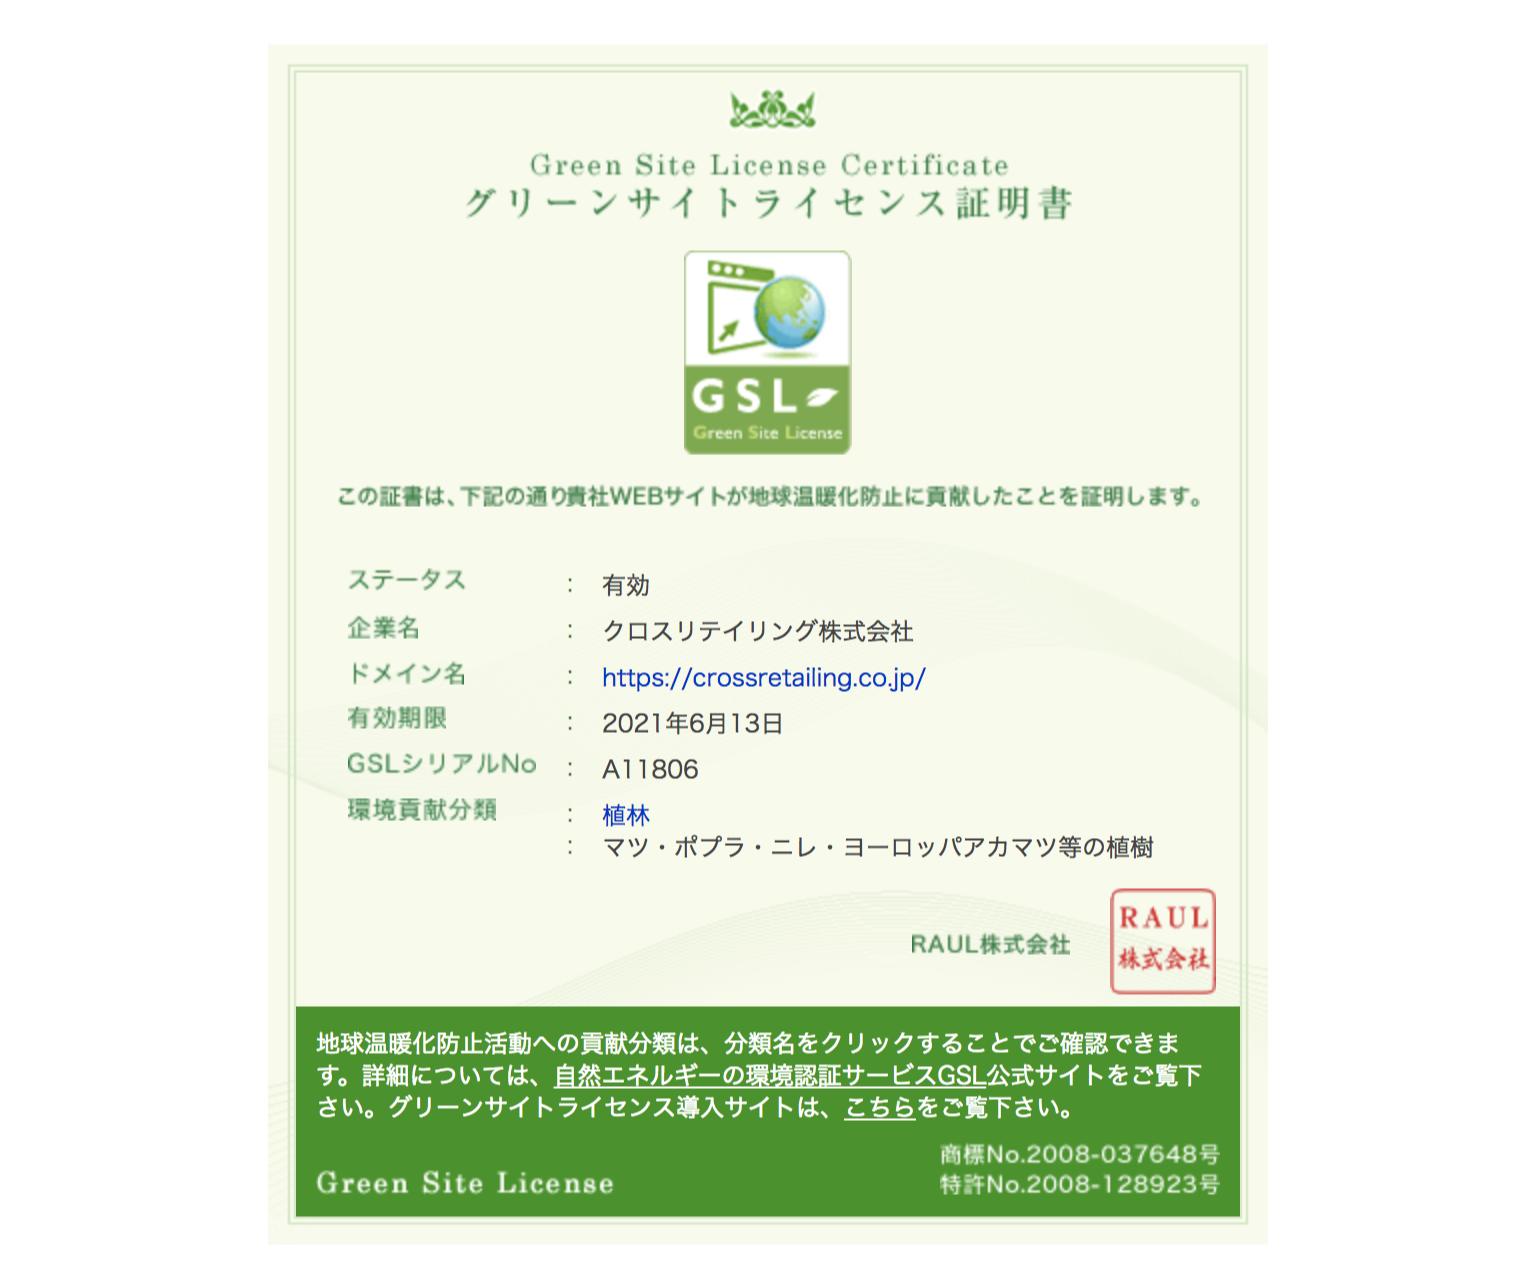 グリーンサテライトライセンス